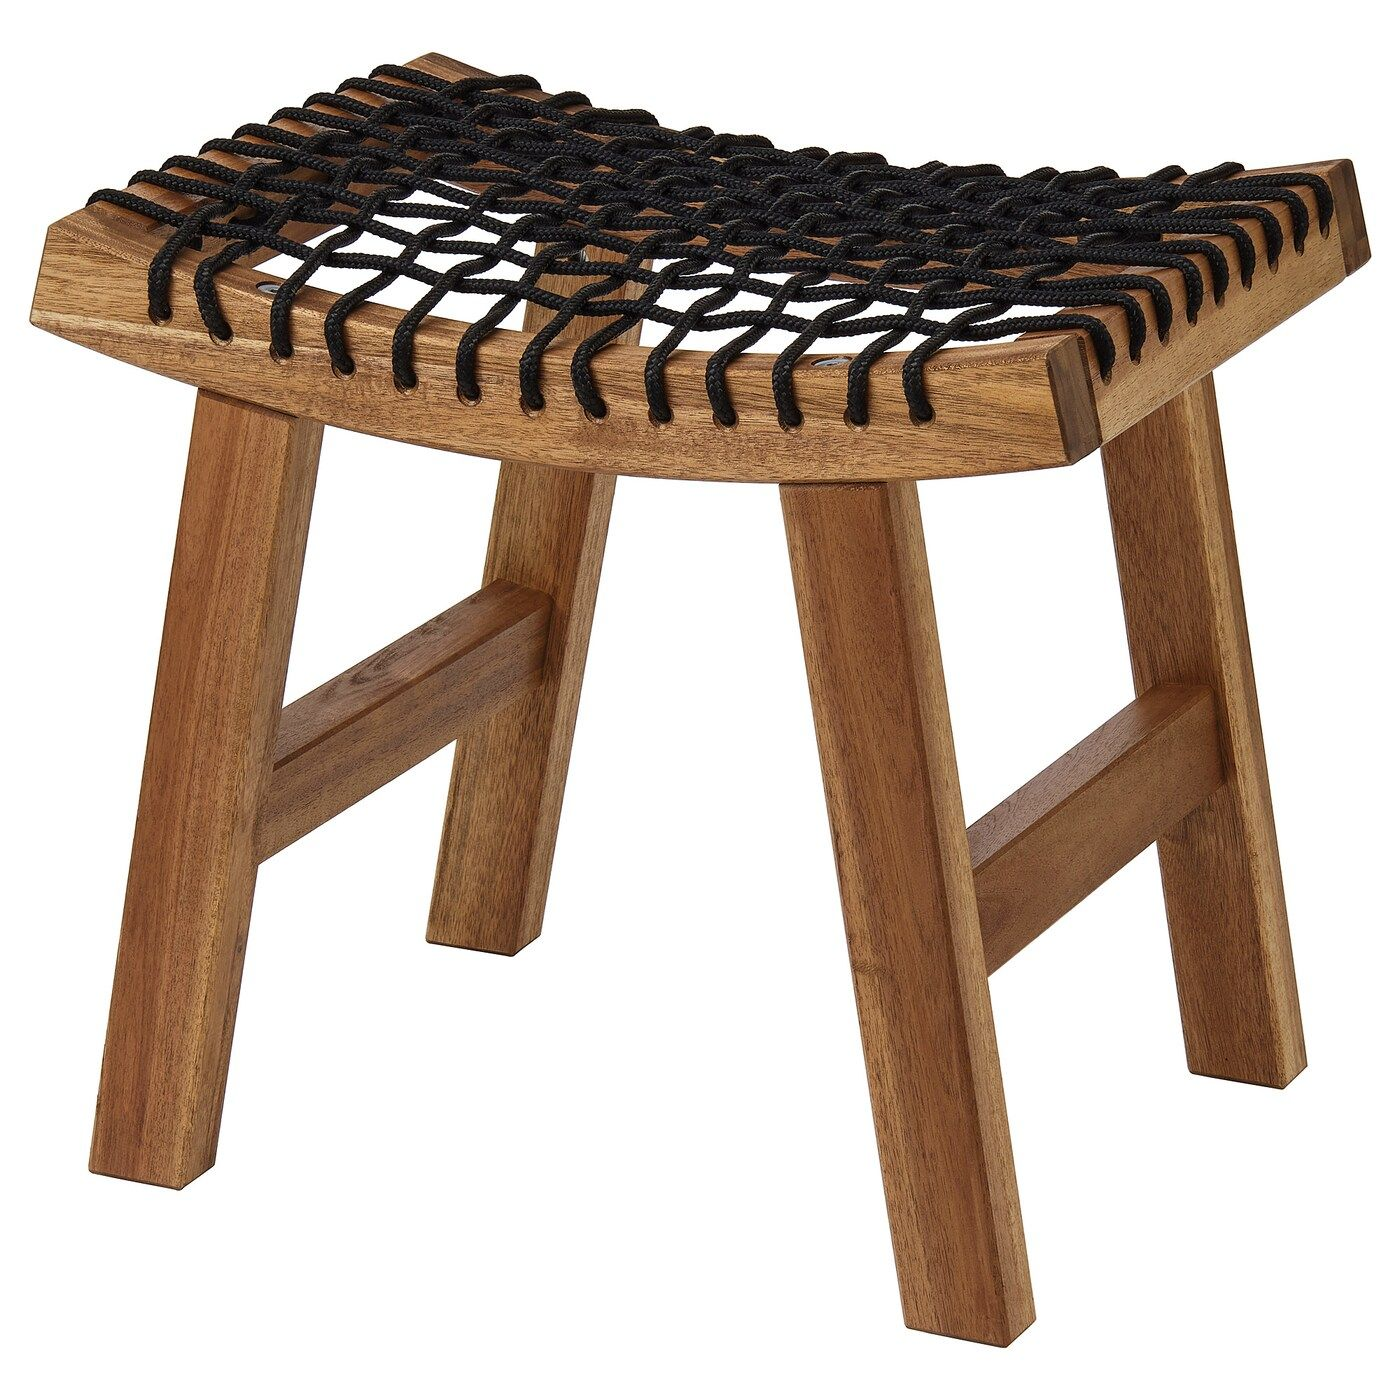 Tabouret En Bois Ikea stackholmen tabouret, extérieur - teinté brun clair